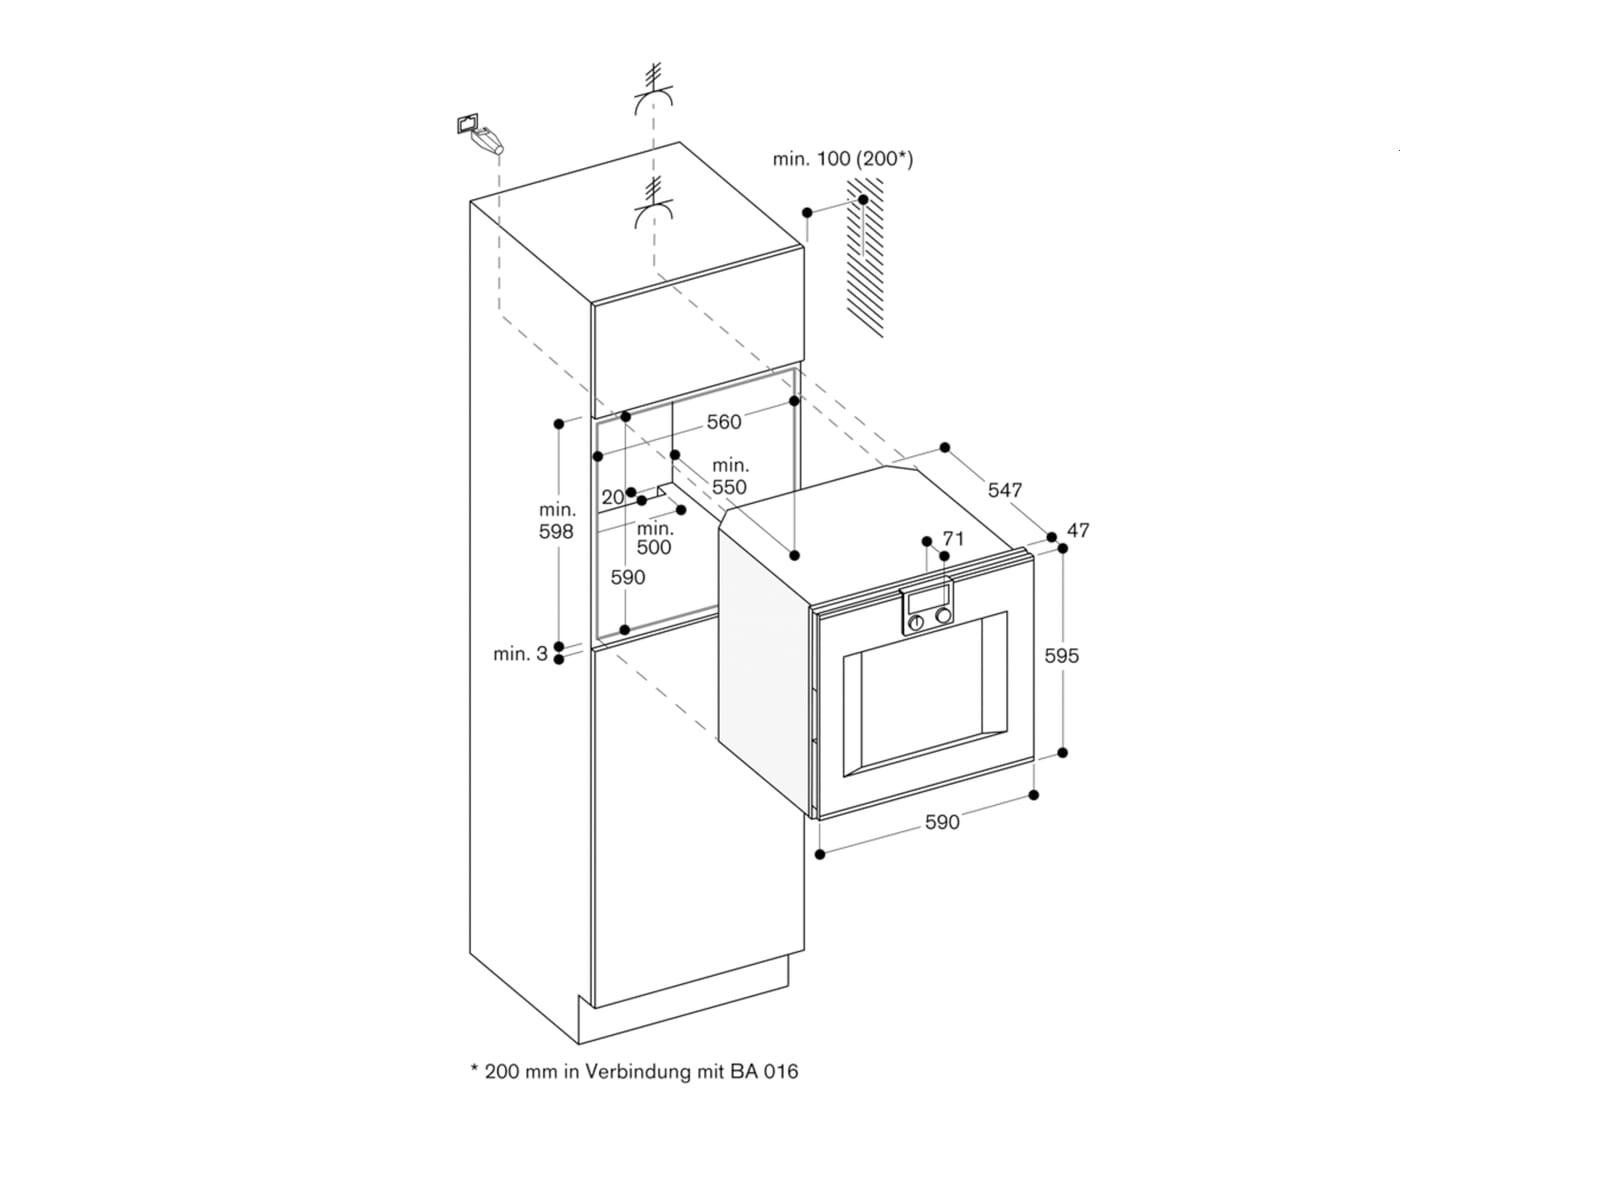 Gaggenau BO450112 Pyrolyse Backofen Serie 400 Edelstahl/Glas